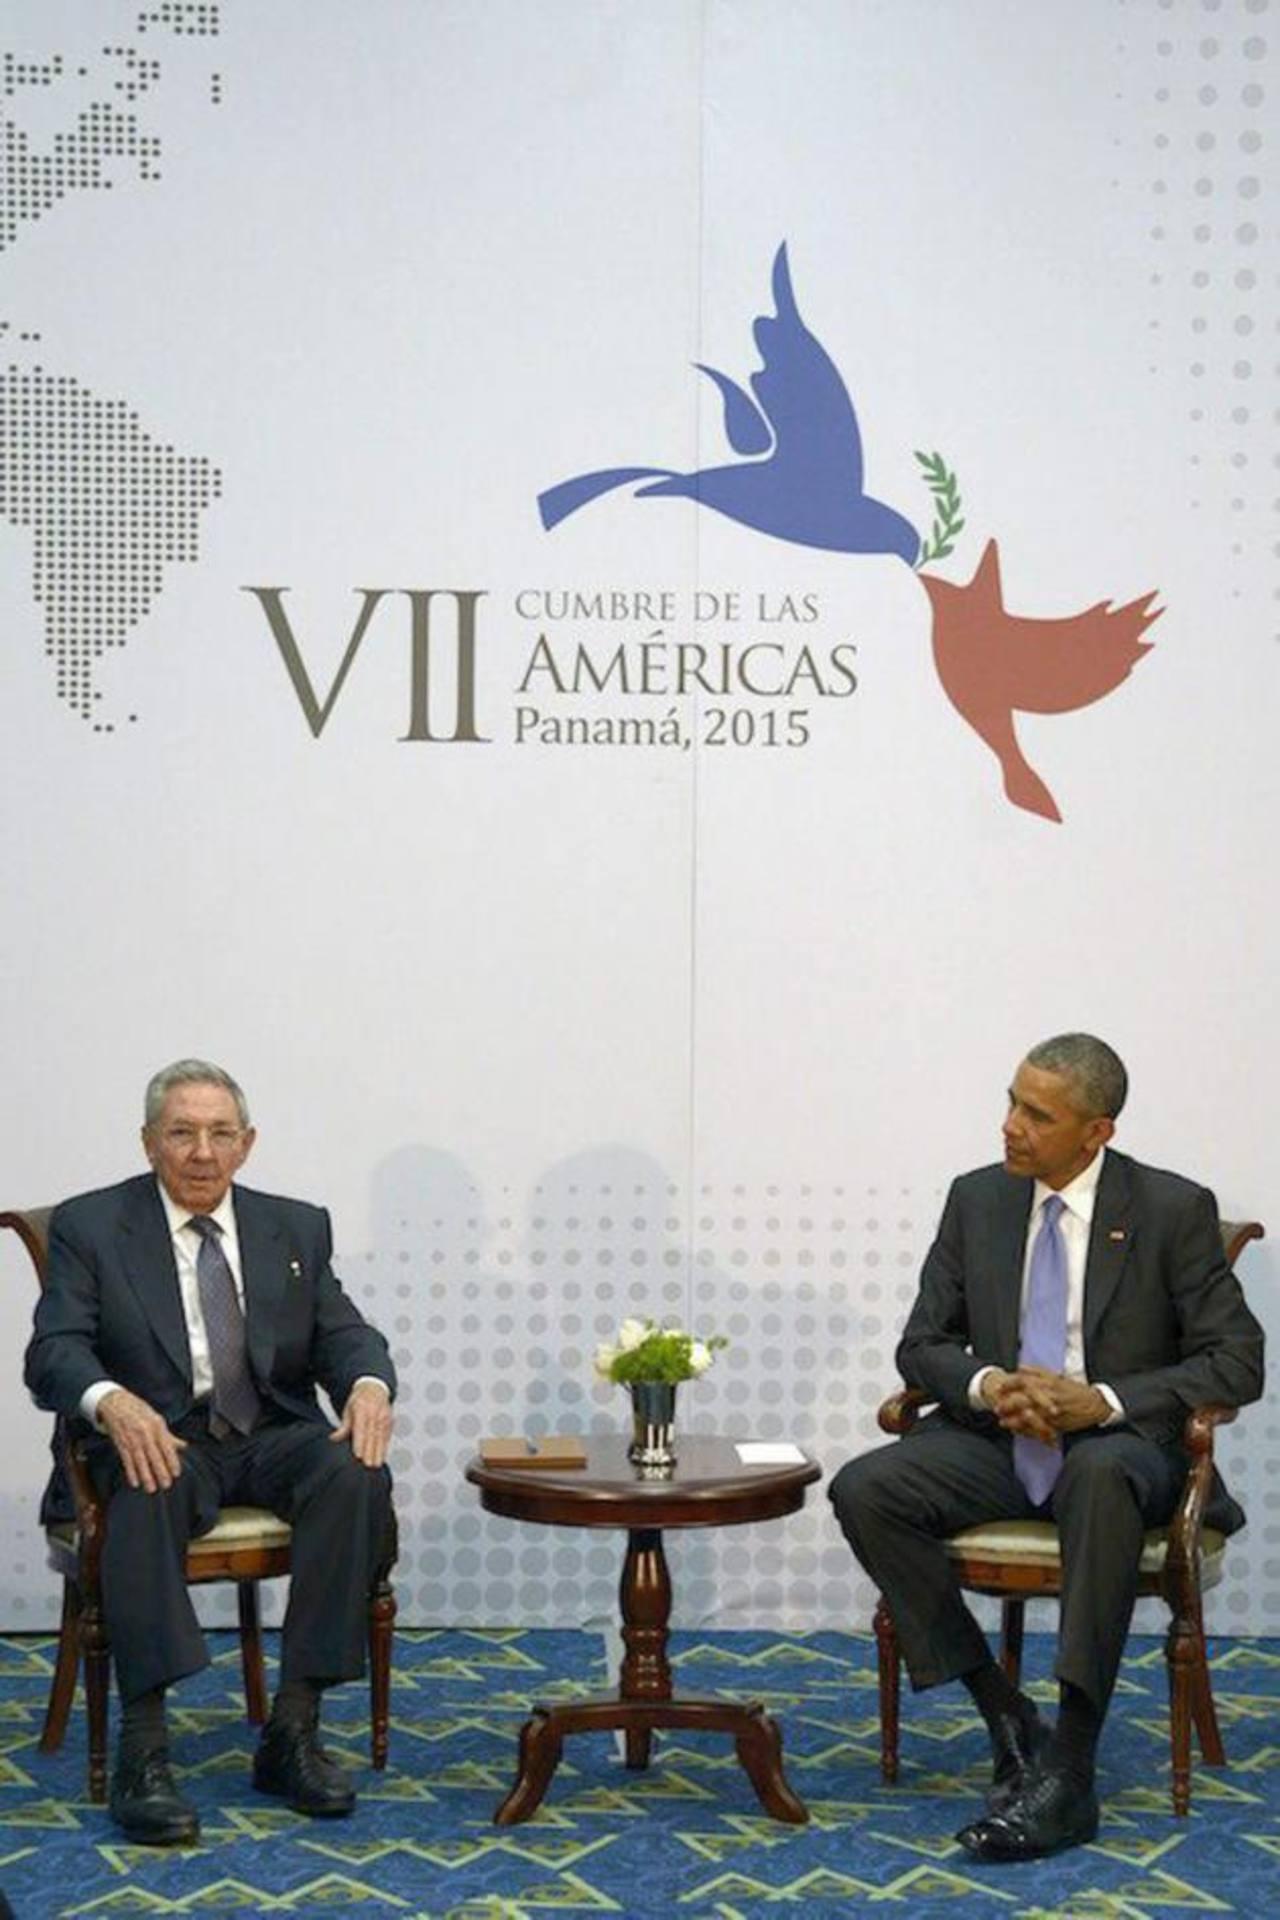 Castro y Obama durante su histórico encuentro en Panamá durante la Cumbre de las Américas. foto edh / archivo